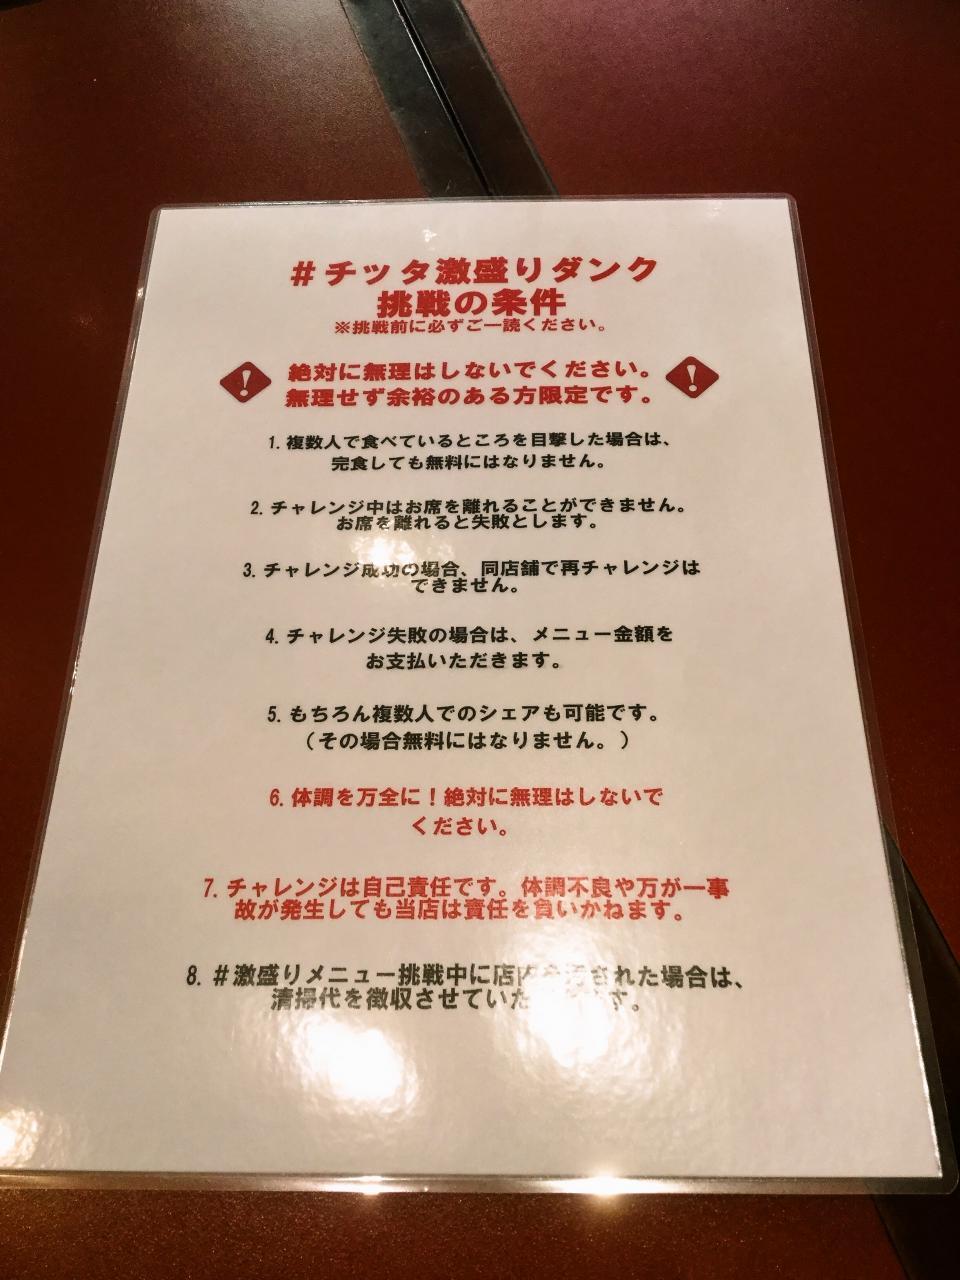 キリンシティ川崎 ラ チッタデッラ(チャレンジ)